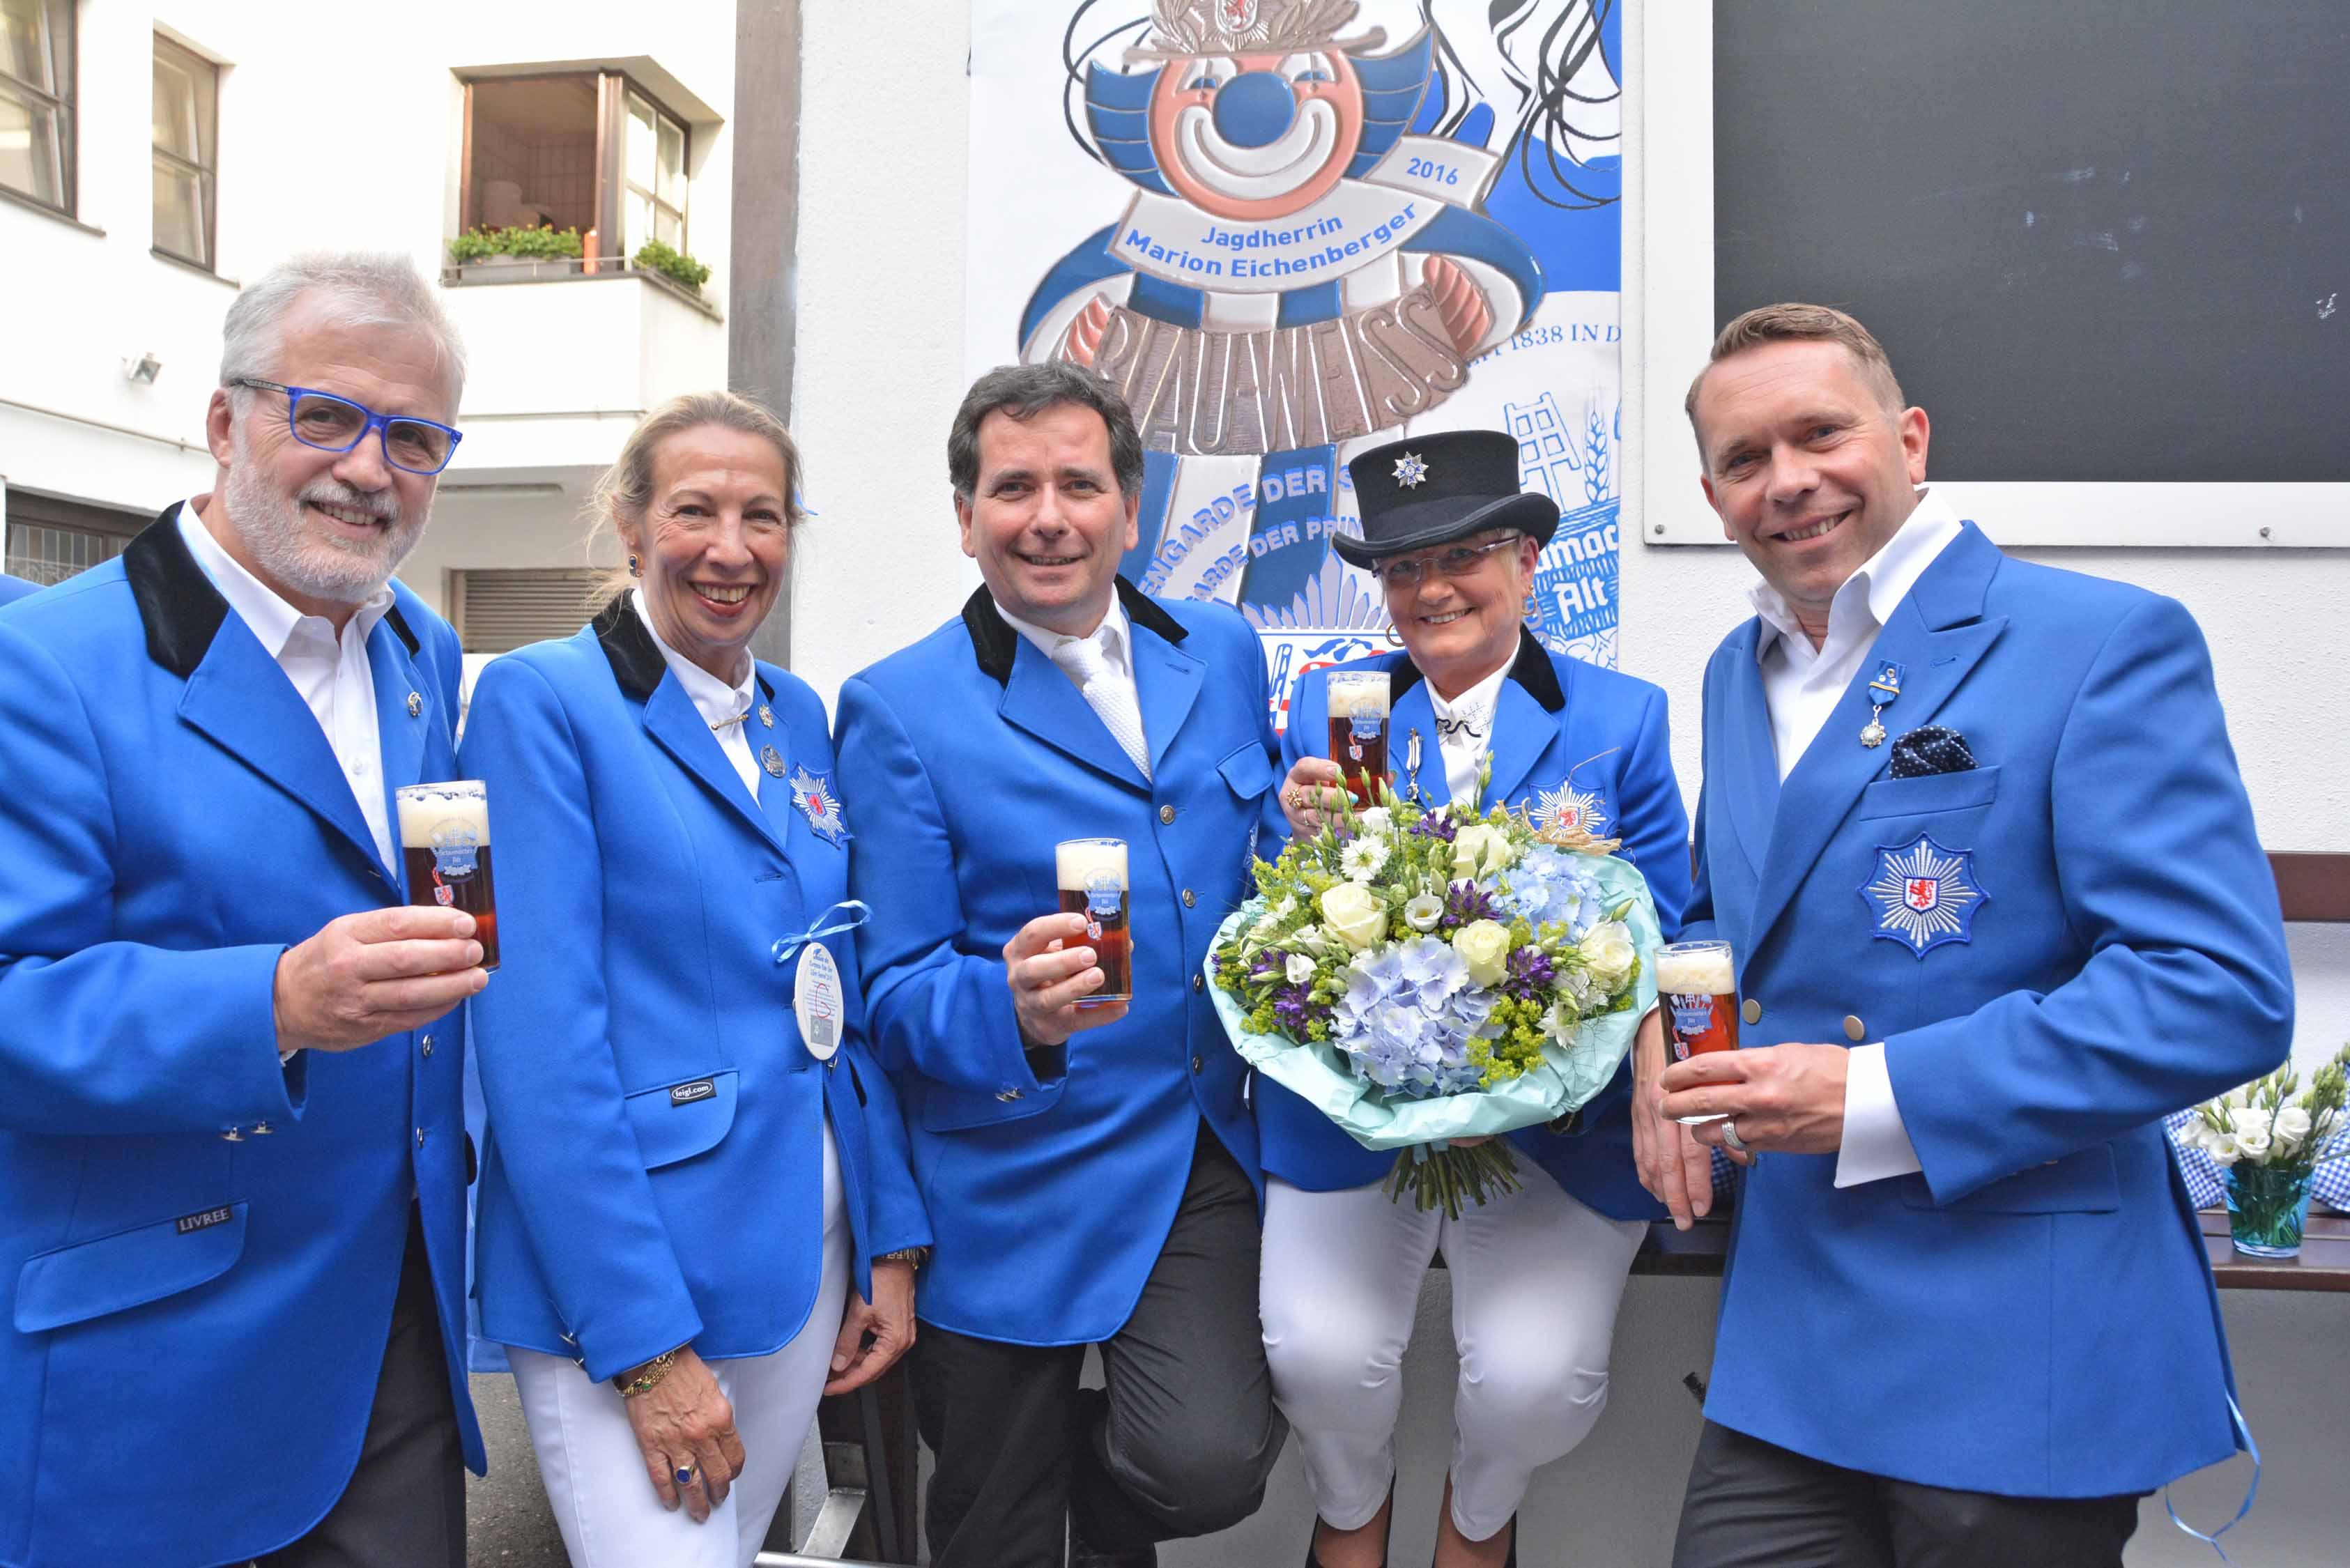 Marion Eichenberger ist neue Jagdherrin der Prinzengarde Blau-Weiss (Foto: Prinzengarde Blau-Weiss)